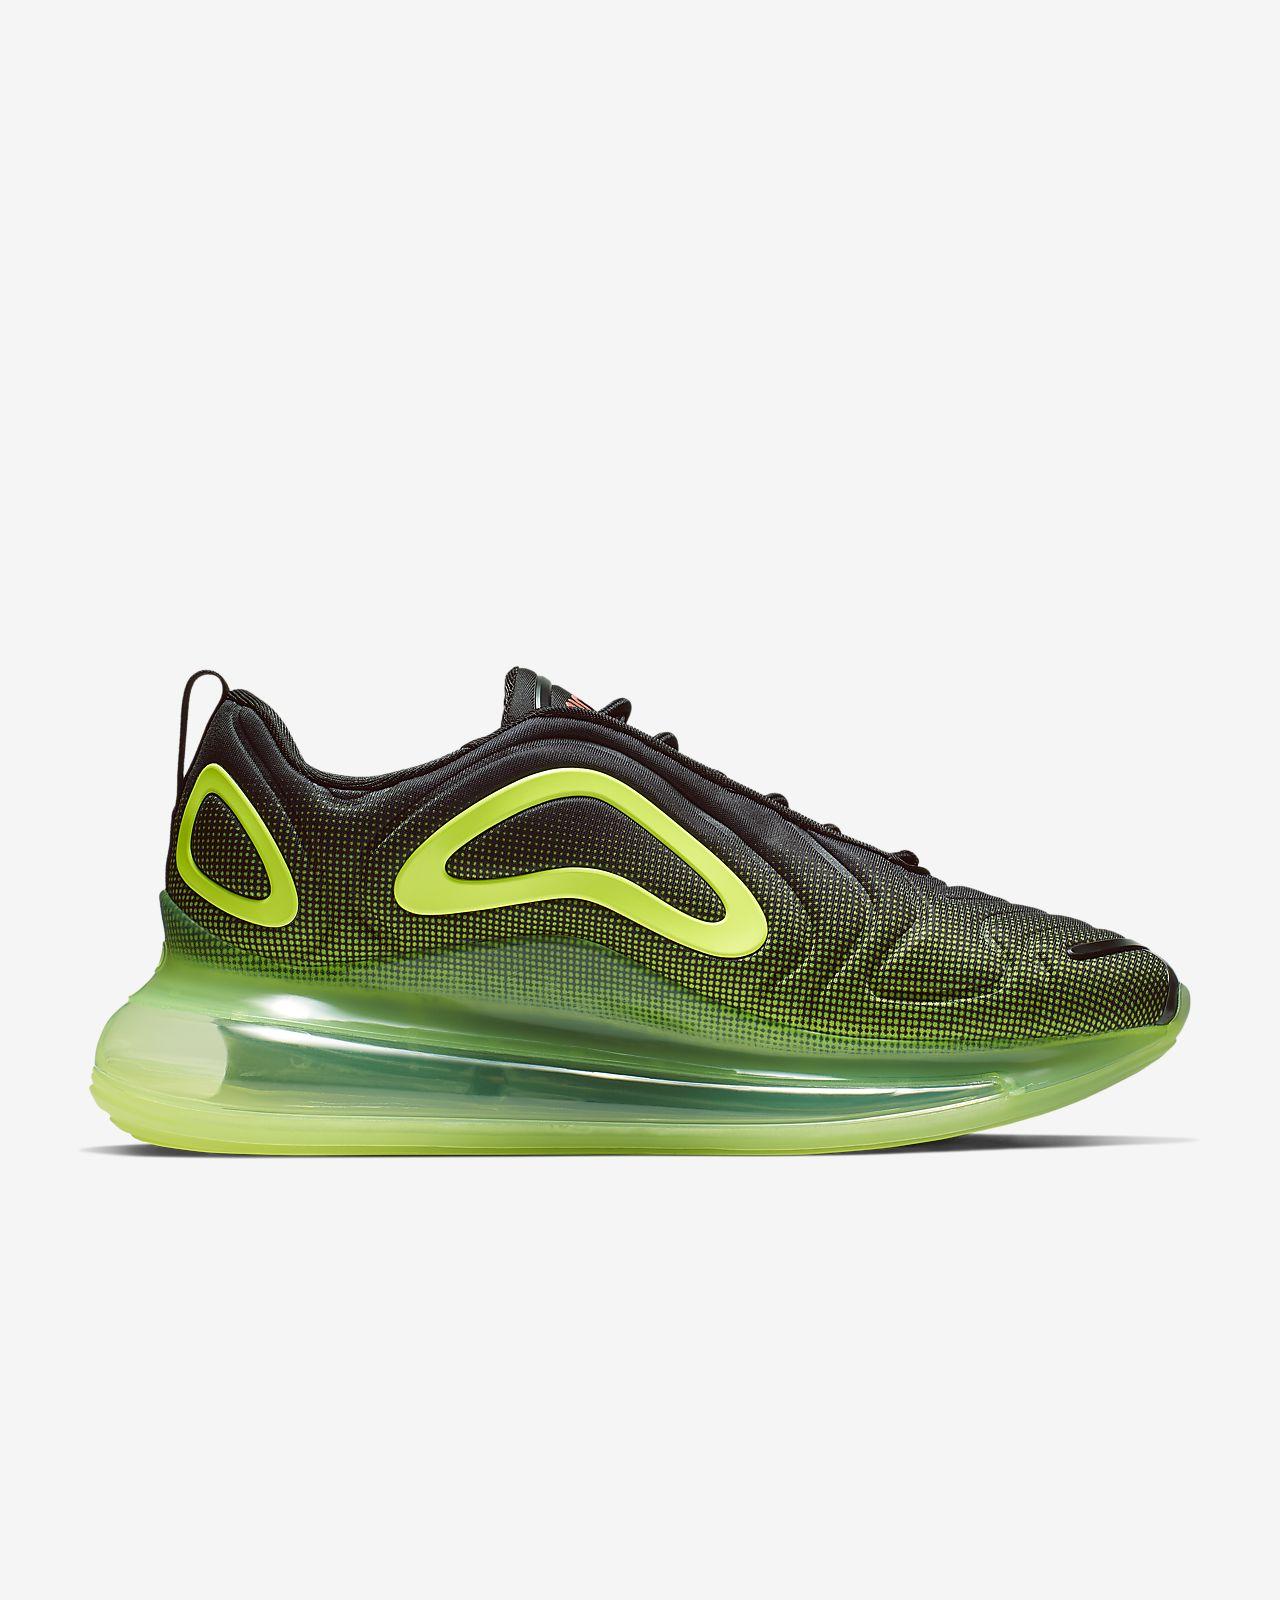 best website c12f3 1b6c2 Sko Nike Air Max 720 för män